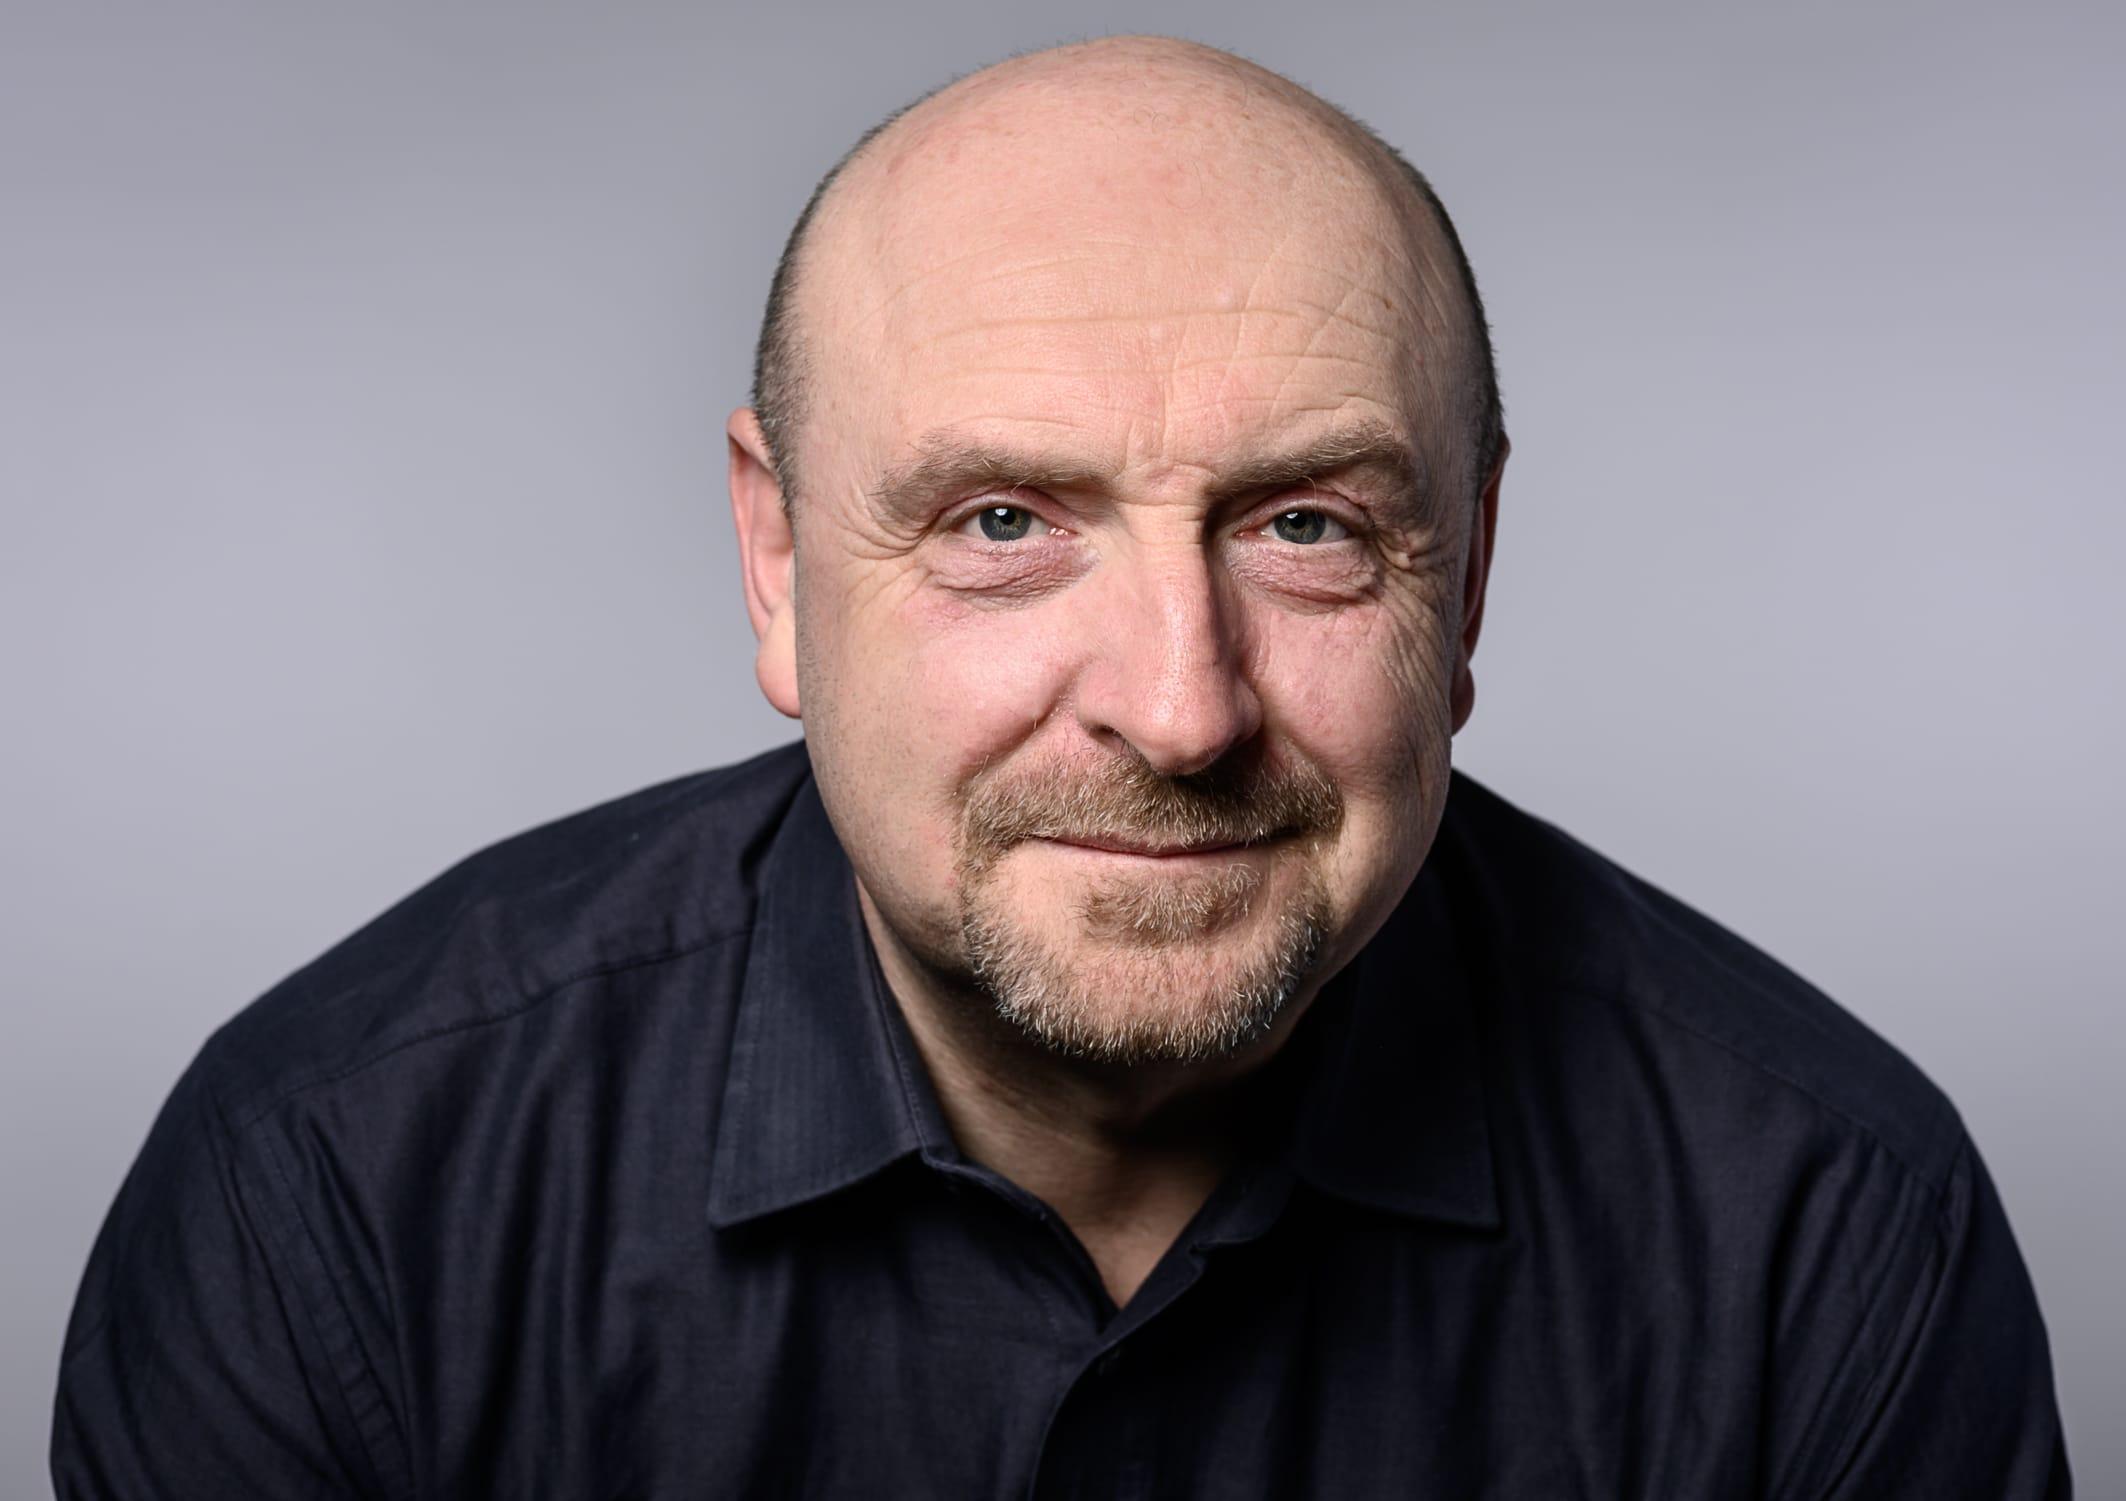 portrait Foto von Uwe Schmidt